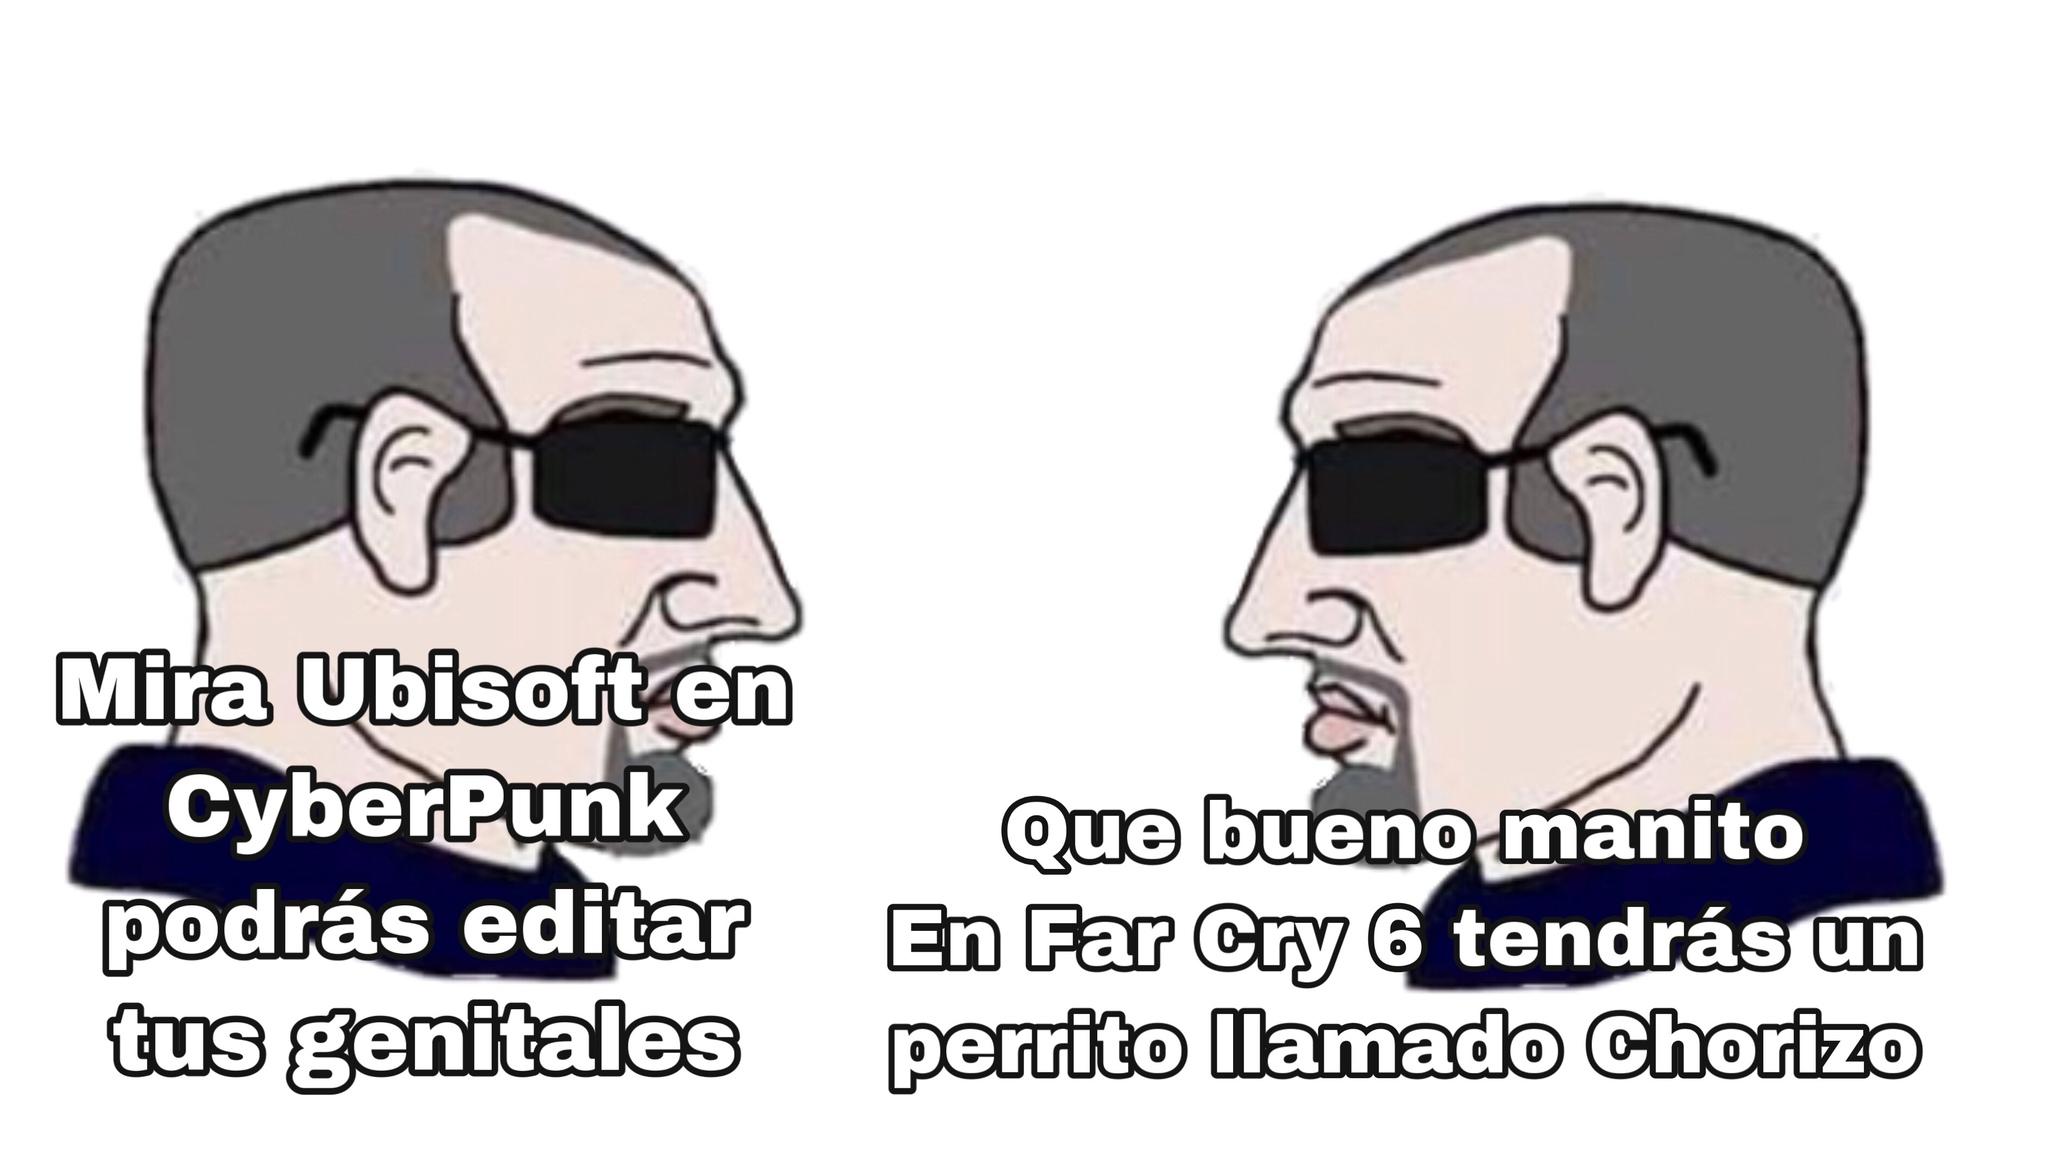 Y Ademas Far Cry 6 Ocurre En Latinoamerica Meme By Santix4774